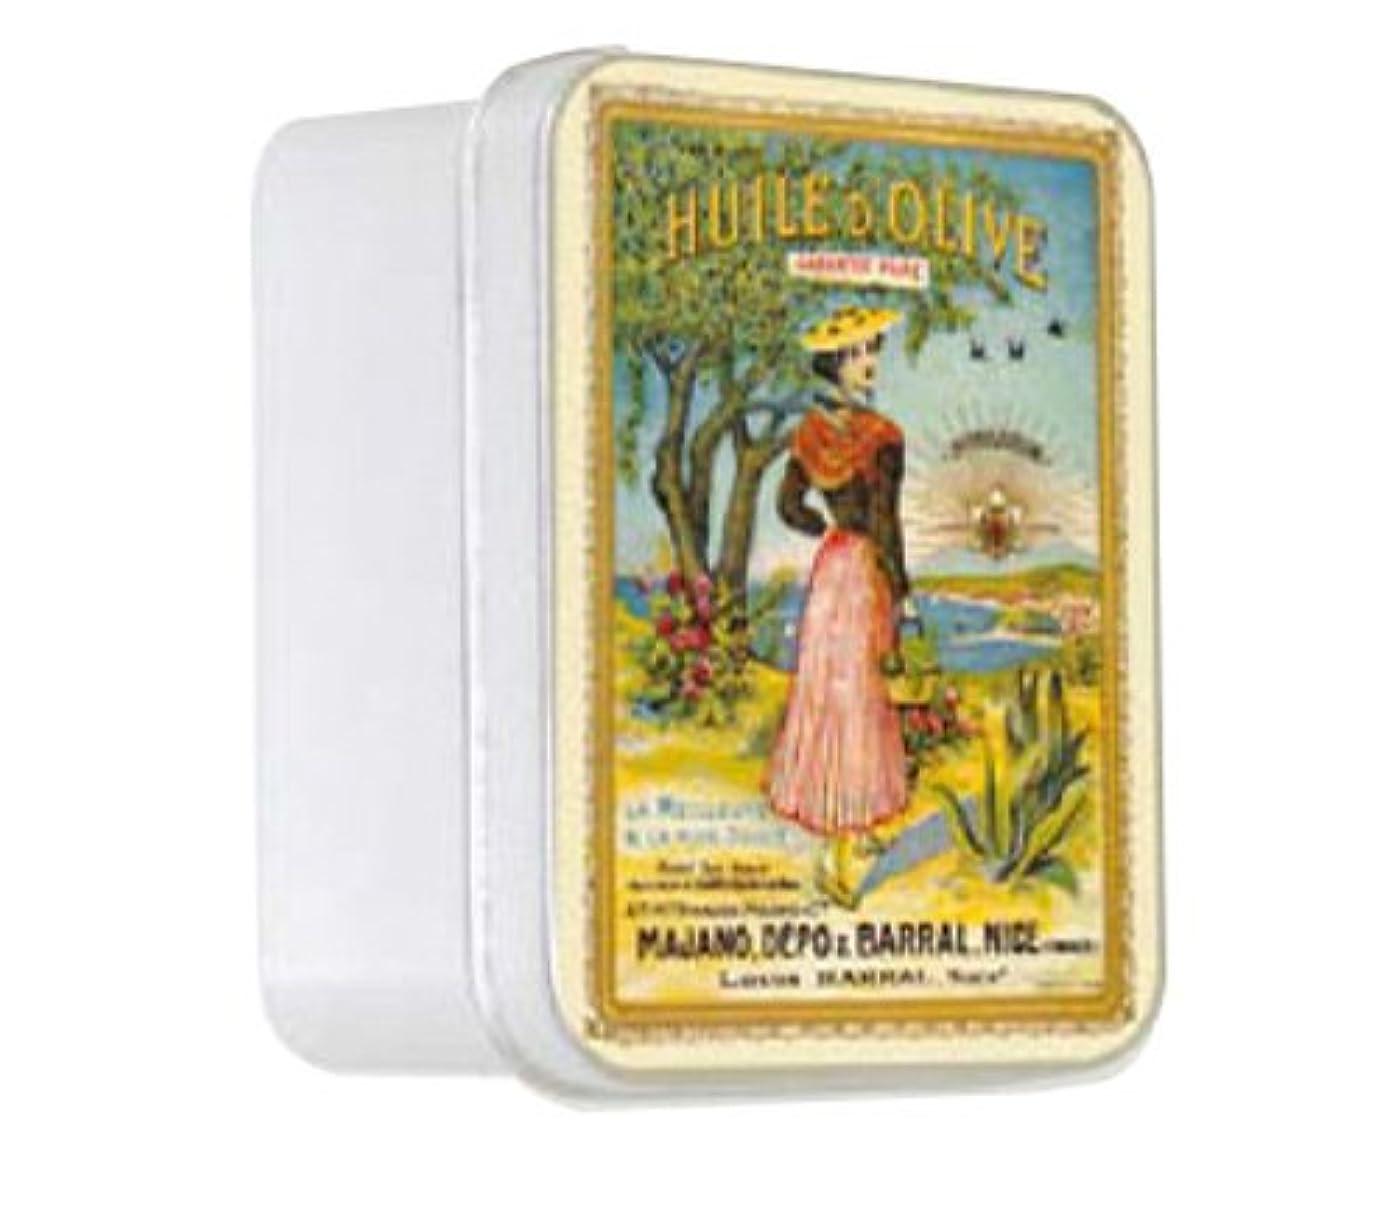 ブラザーである重大ルブランソープ メタルボックス(ラ ニソワーズ?オリーブの香り)石鹸